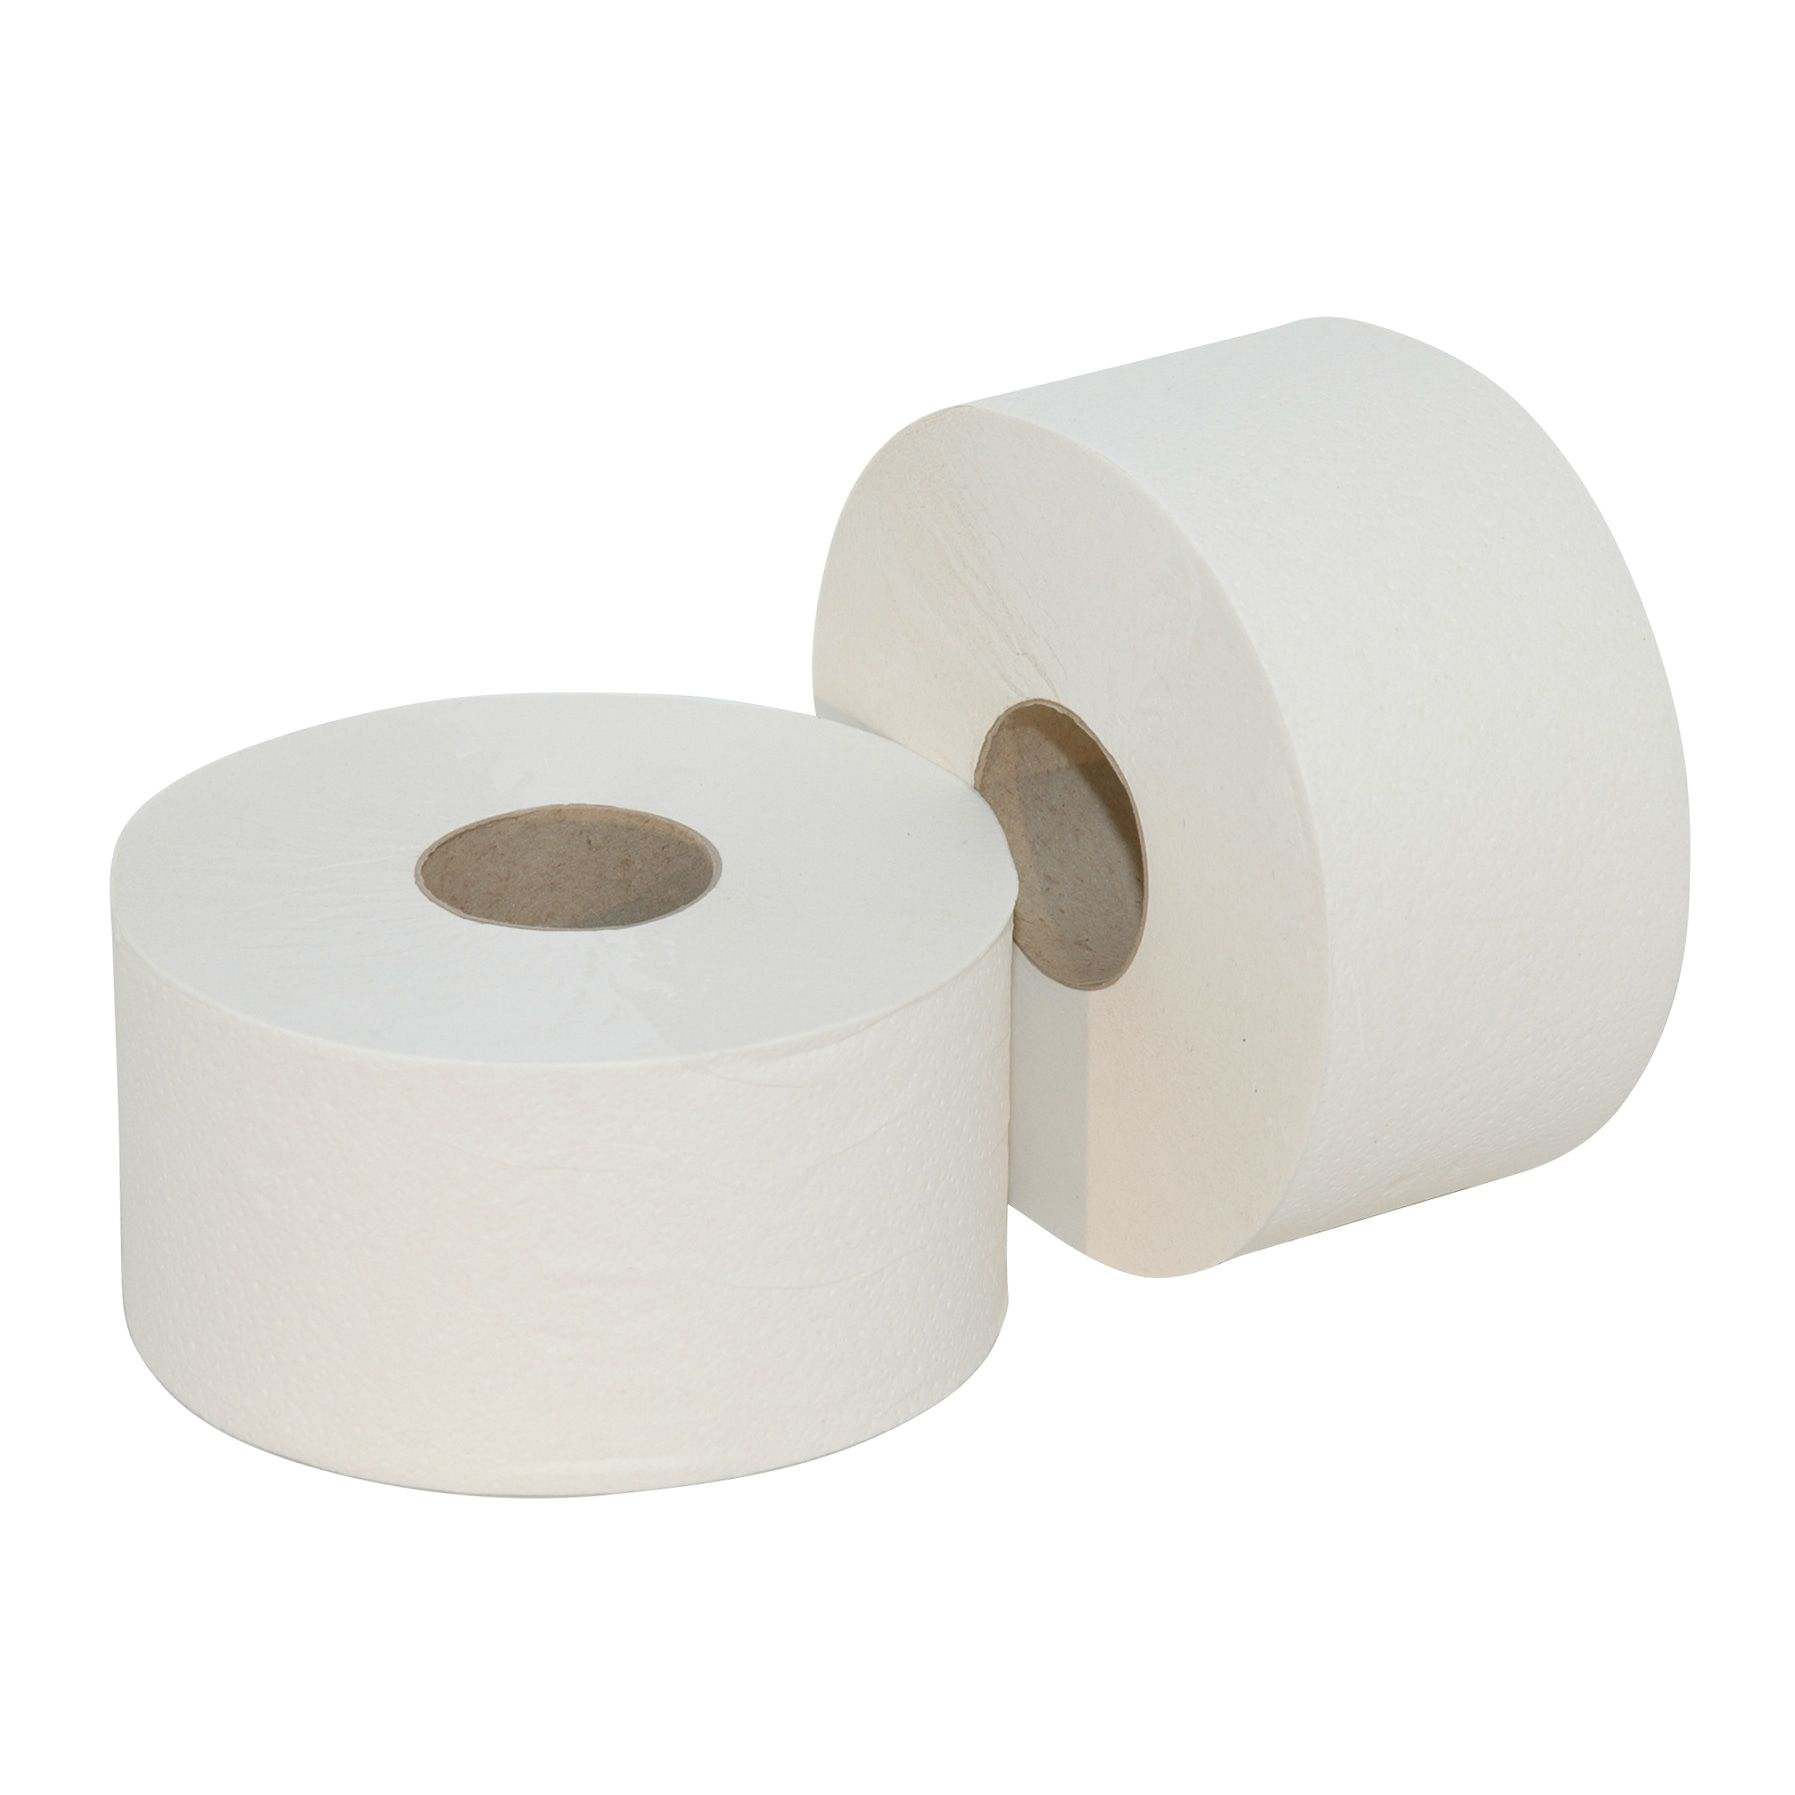 Toiletpapier 240218 mini jumbo ecolabel tissue 2laags 180meter 12rollen (240218)